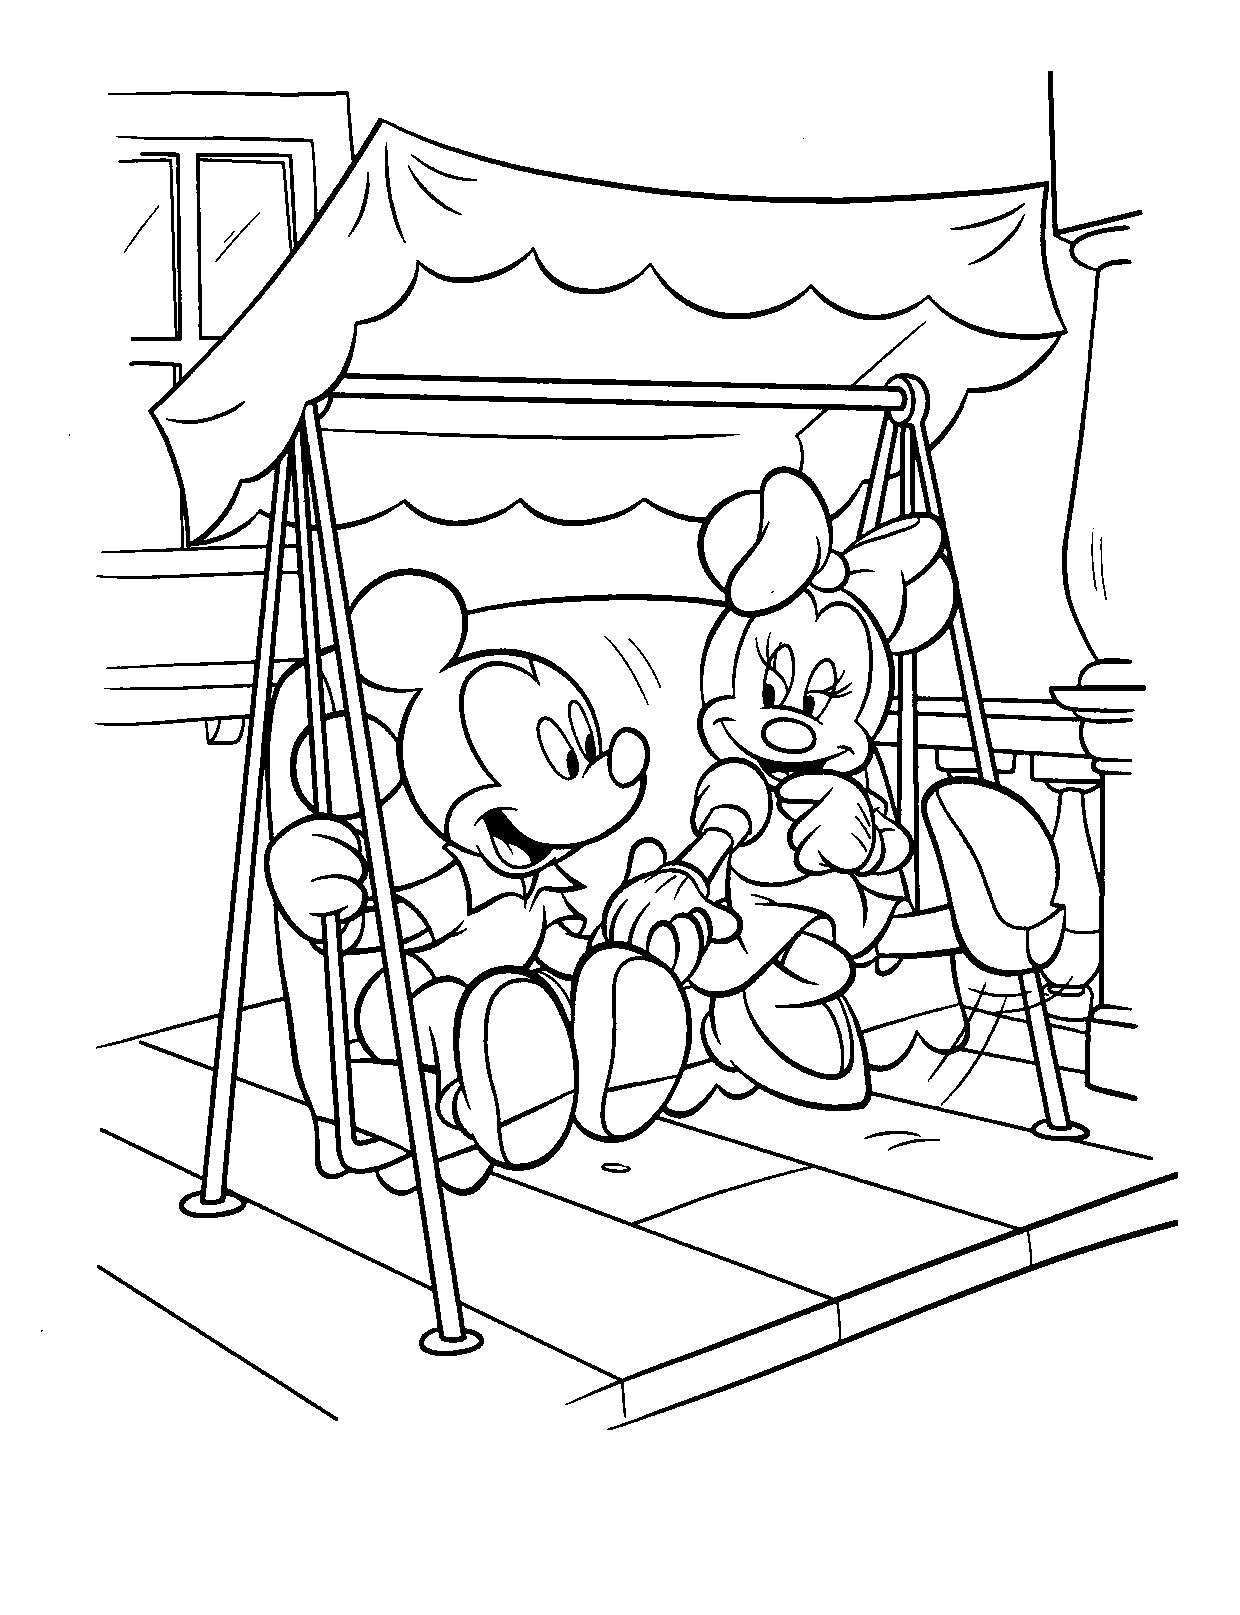 Ausmalbilder Mickey Mouse Inspirierend 35 Schön Mickey Mouse Ausmalbild – Große Coloring Page Sammlung Fotos